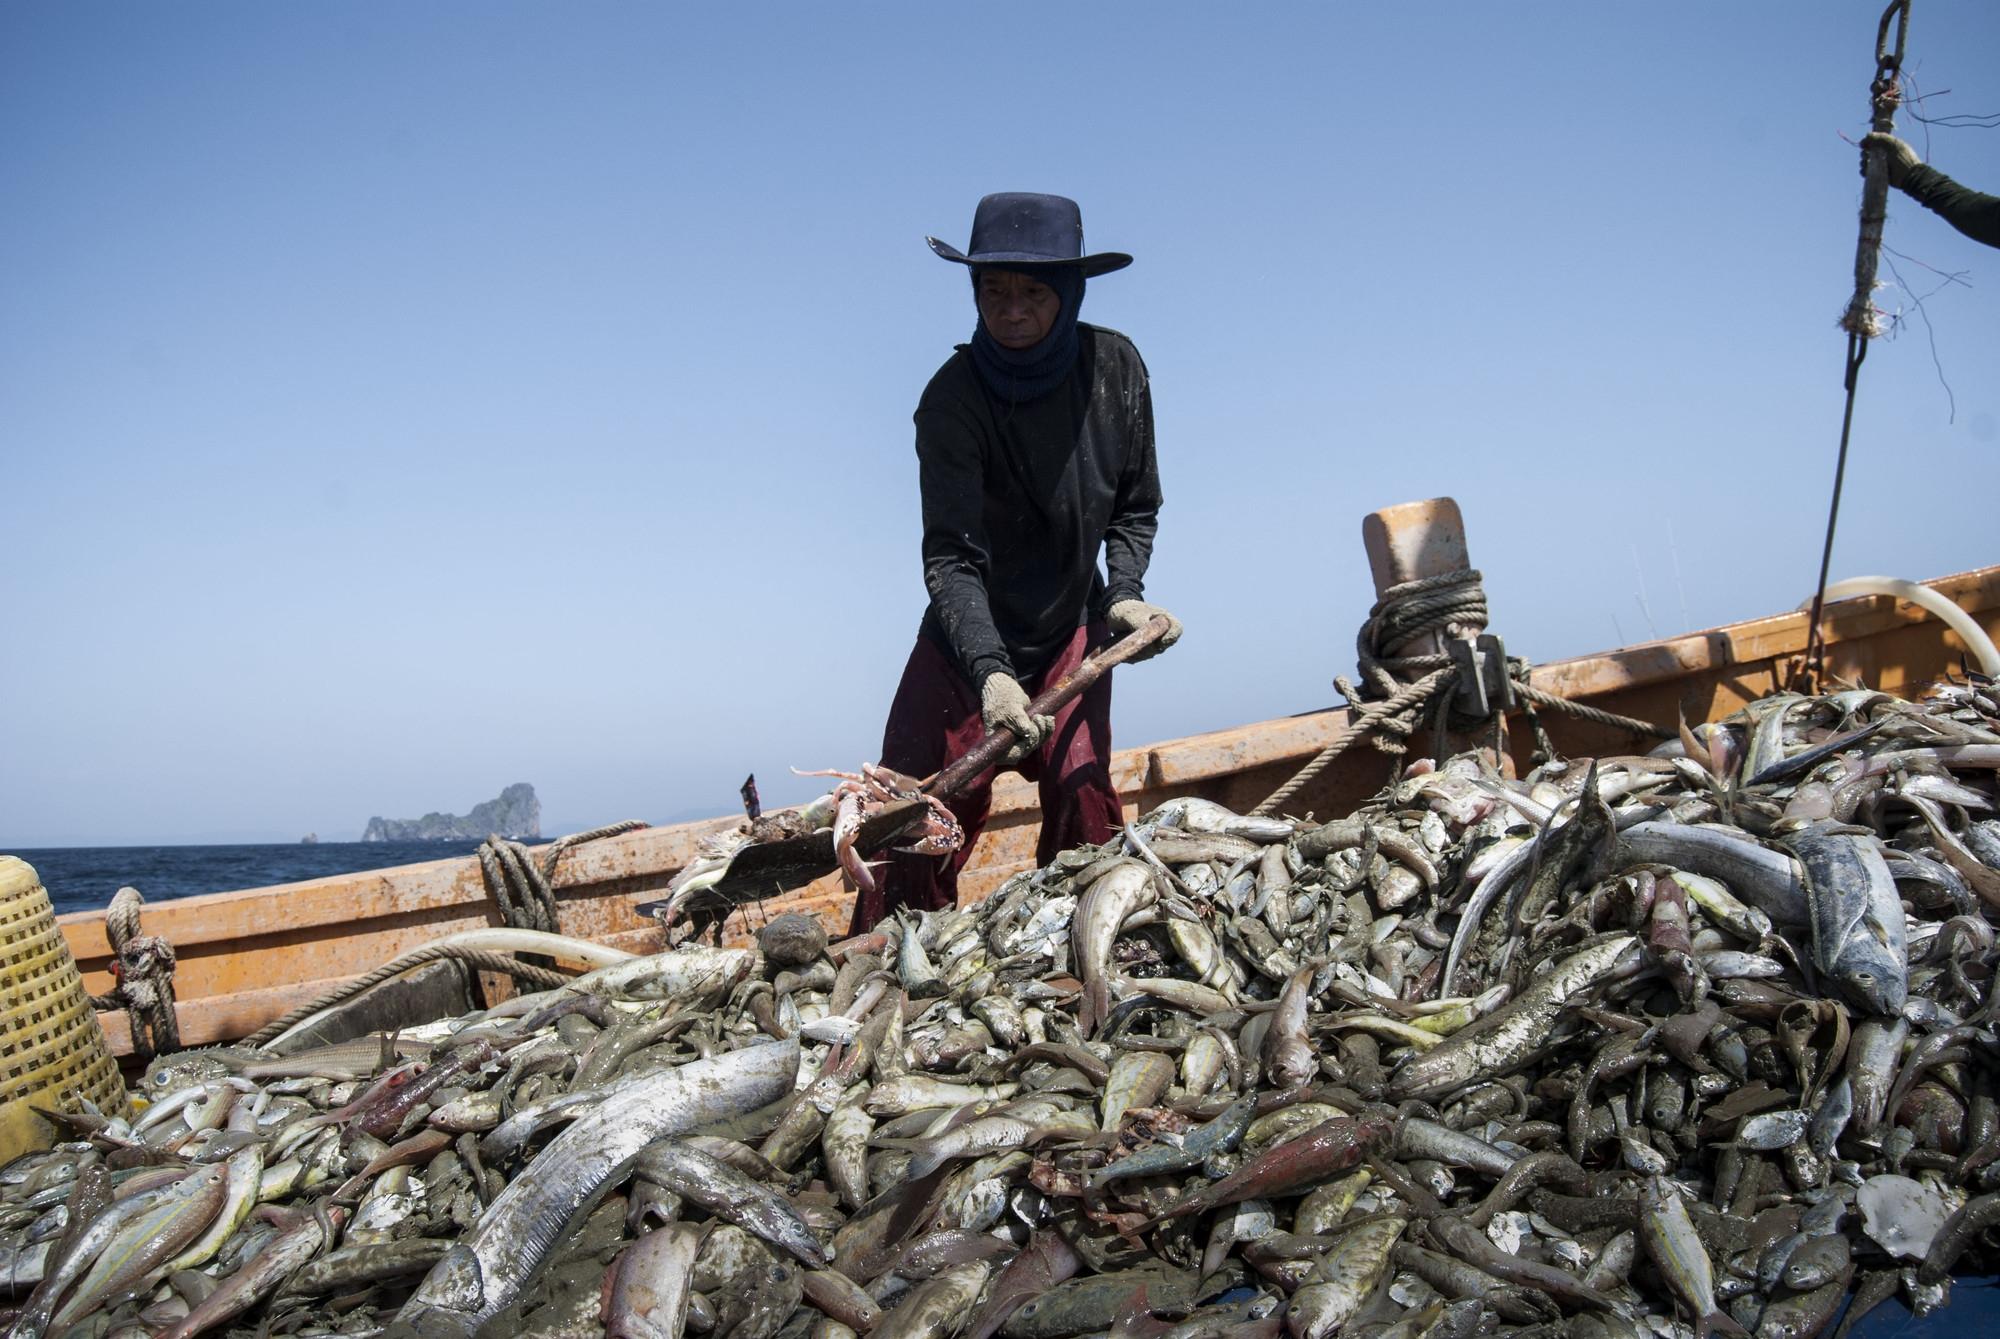 Вопросы современного рабства и принудительного труда в цепочке поставок производителей морепродуктов